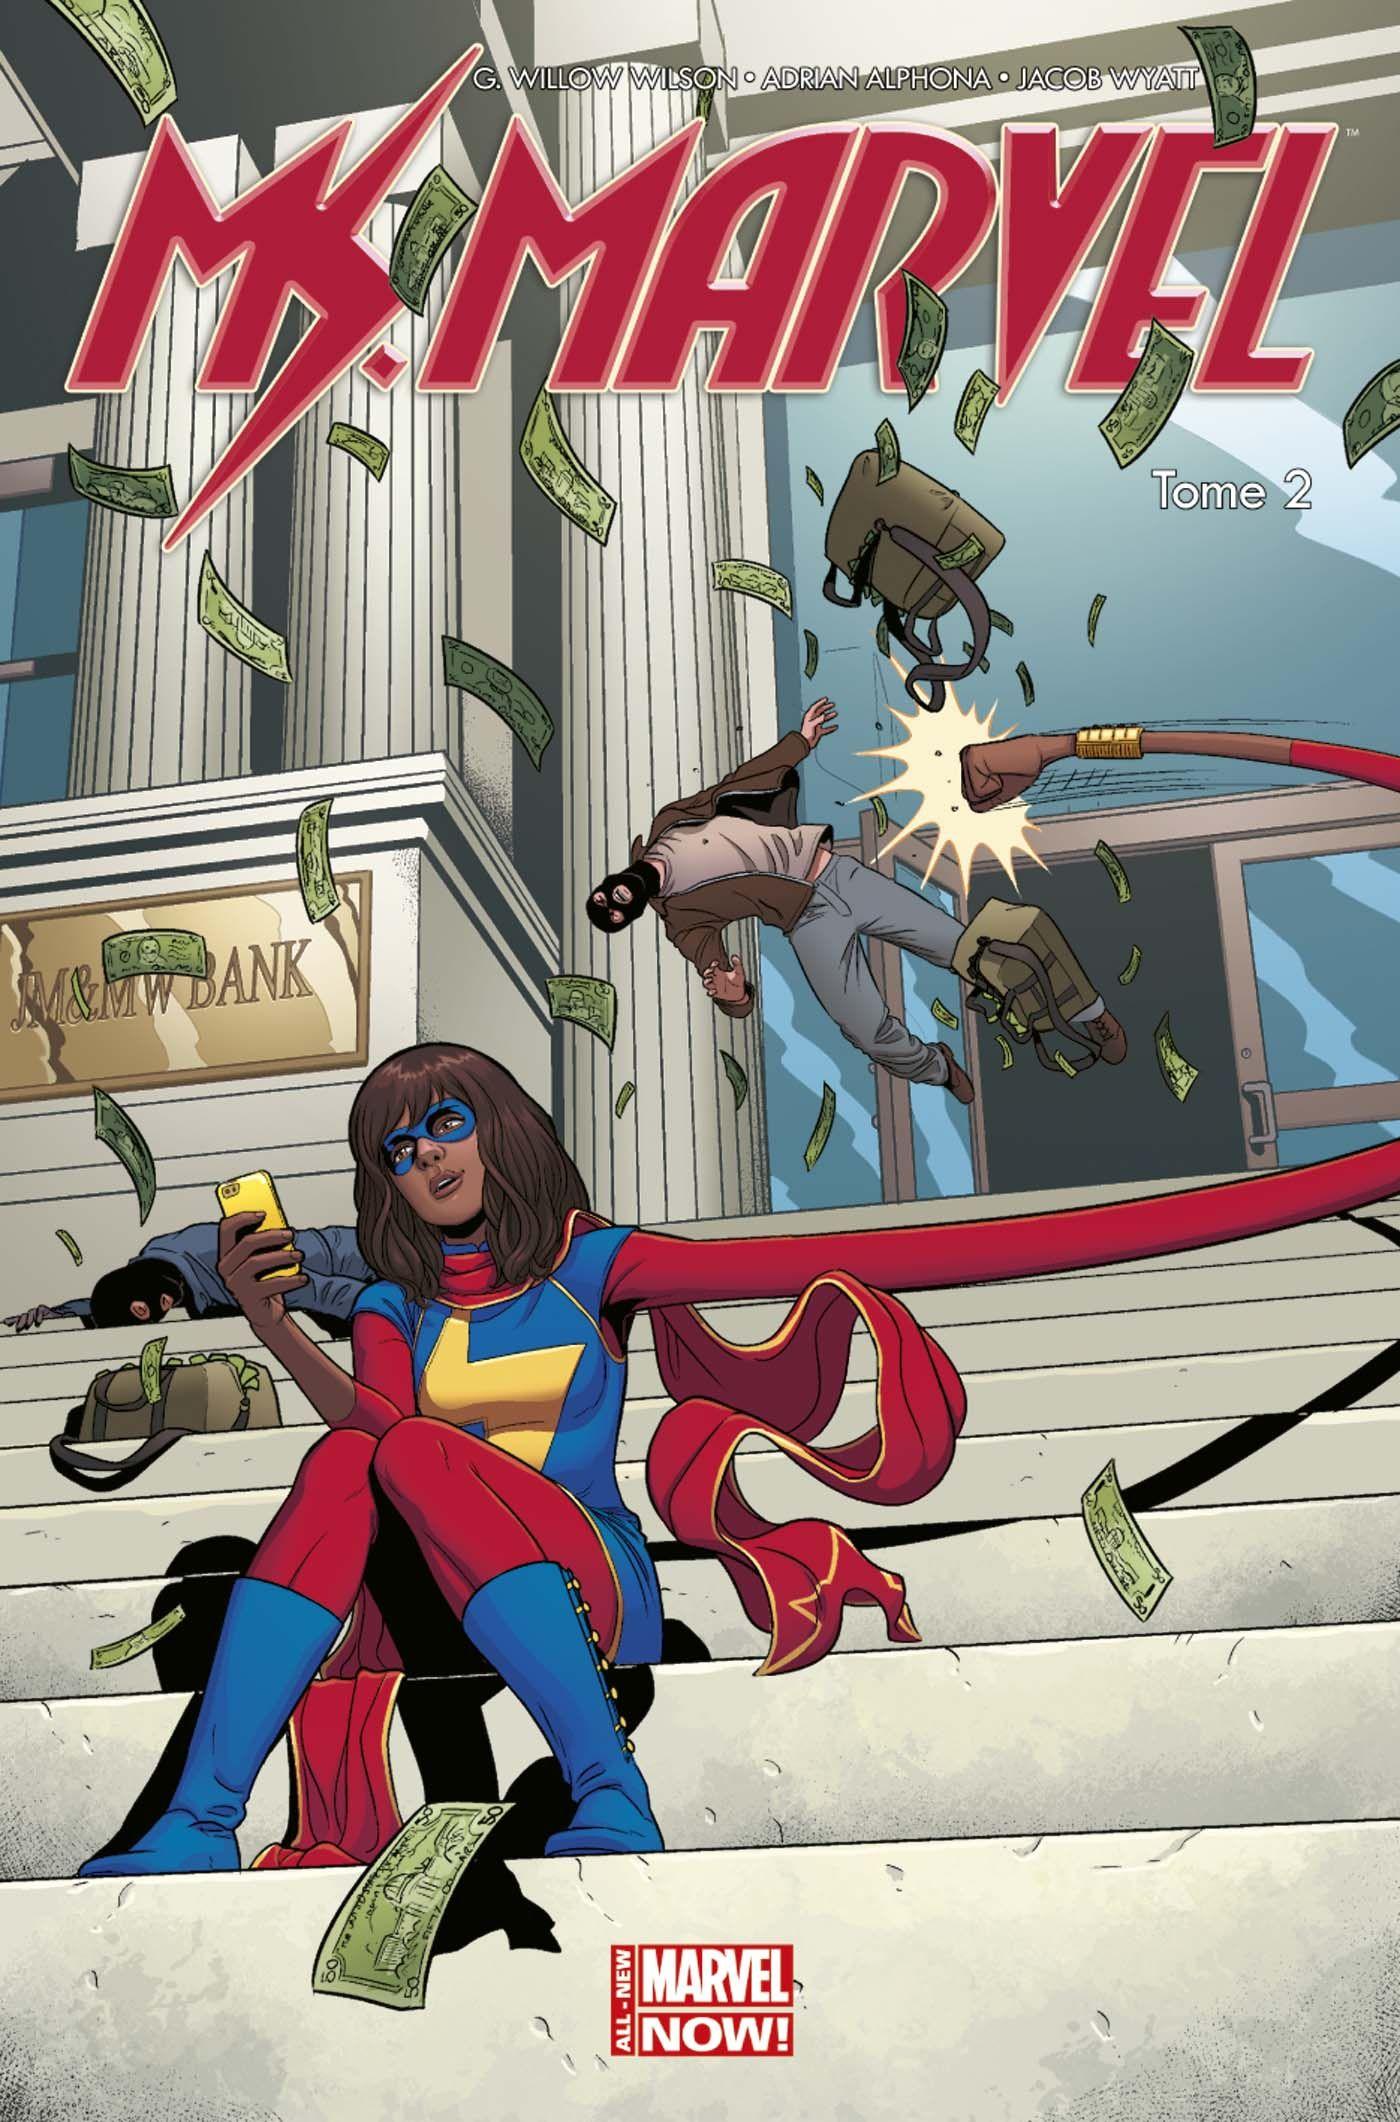 Les comics que vous lisez en ce moment Generation_Y_Ms_Marvel_tome_2